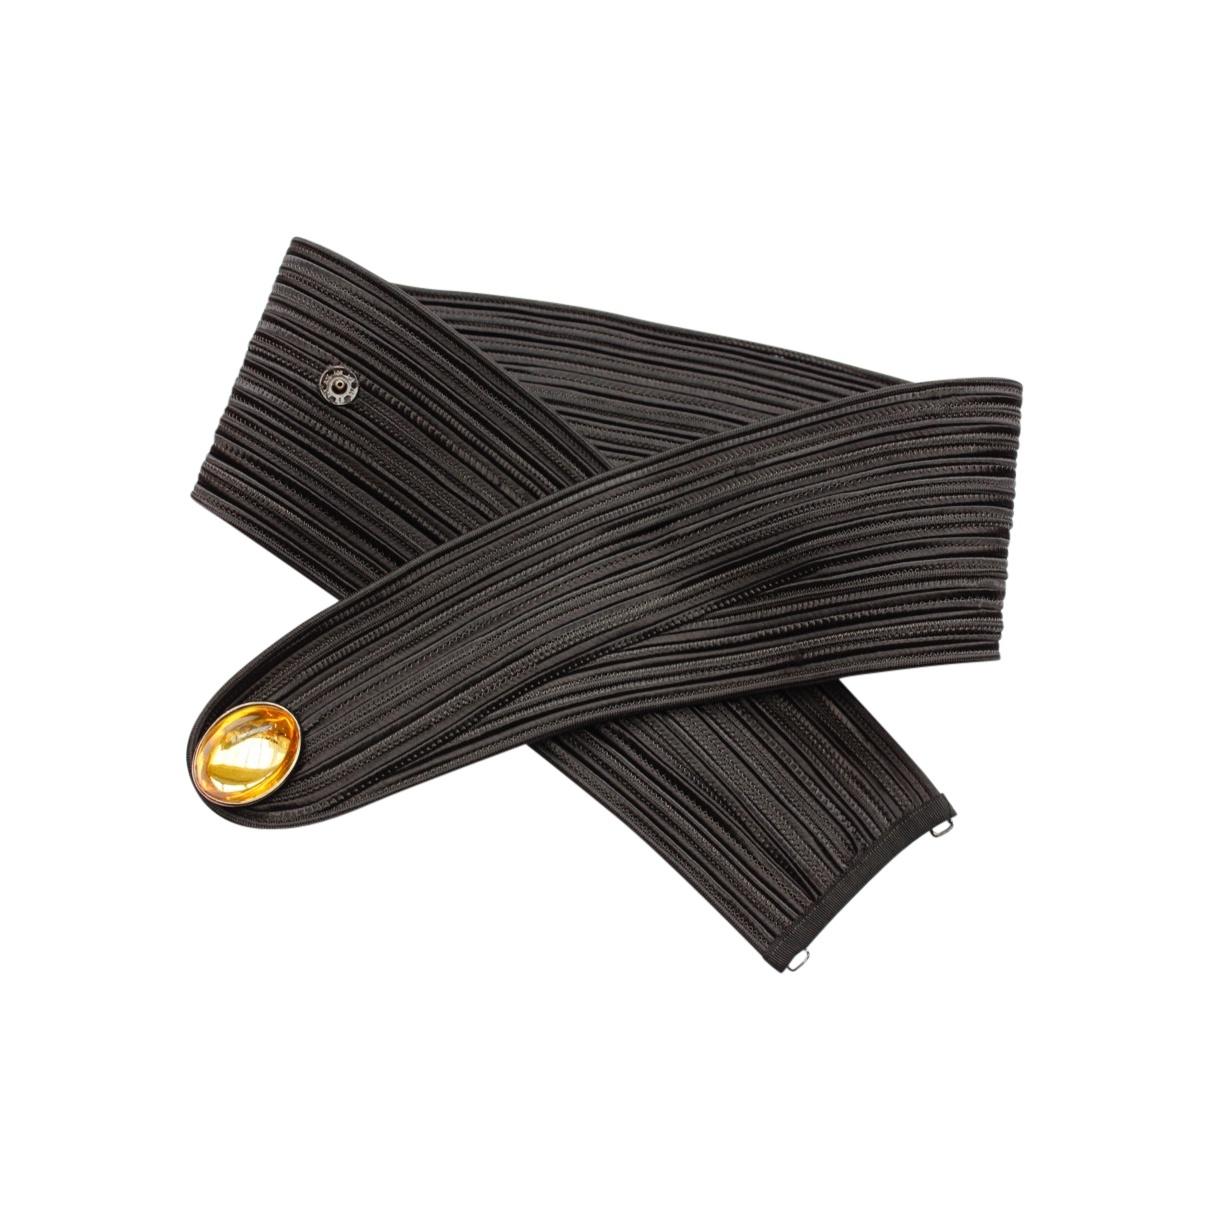 Yves Saint Laurent \N Black Cotton belt for Women 80 cm